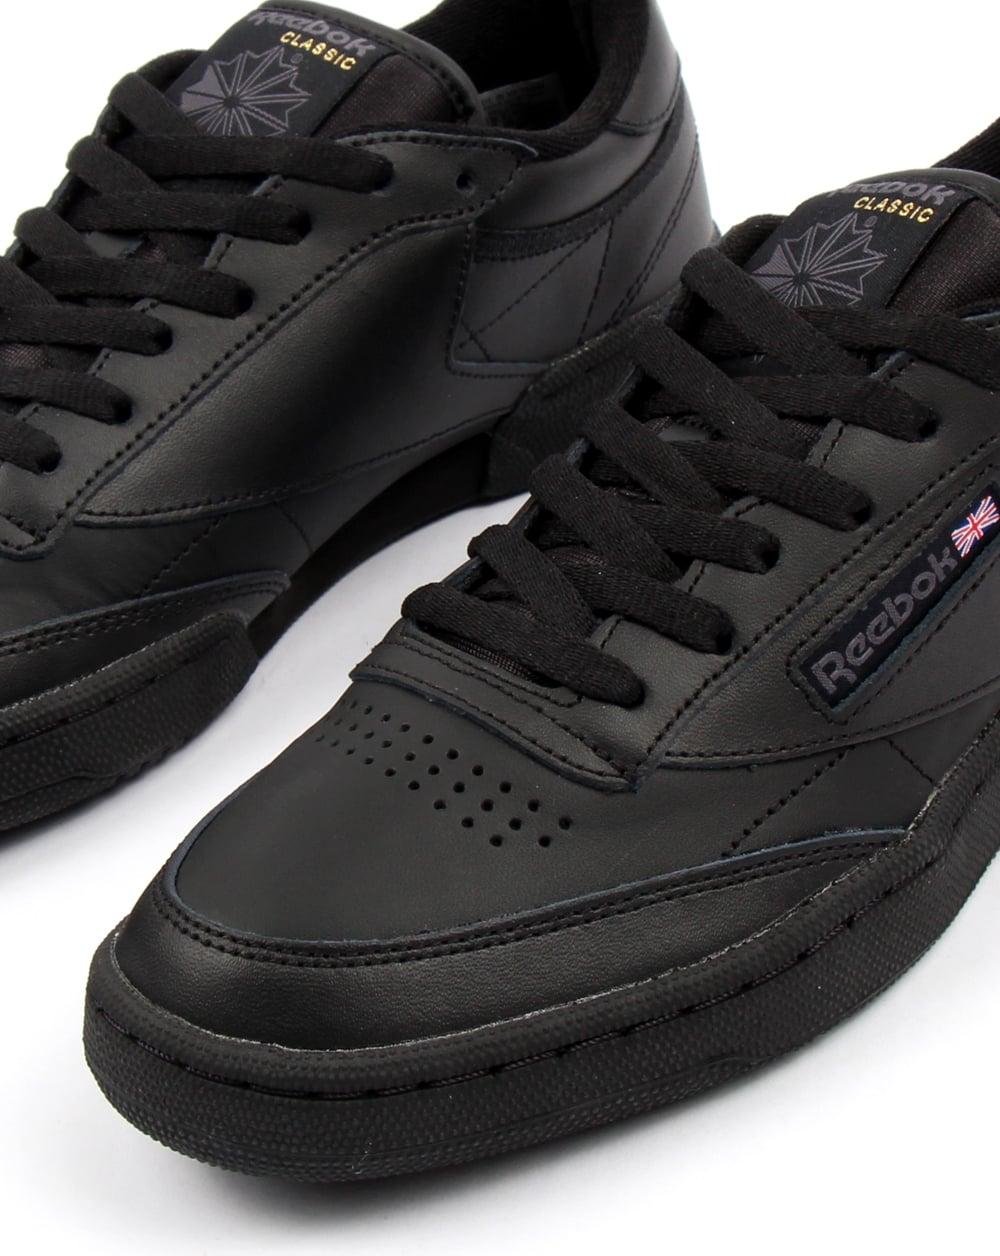 f9d947c8343fb Reebok Club C 85 Trainers Black